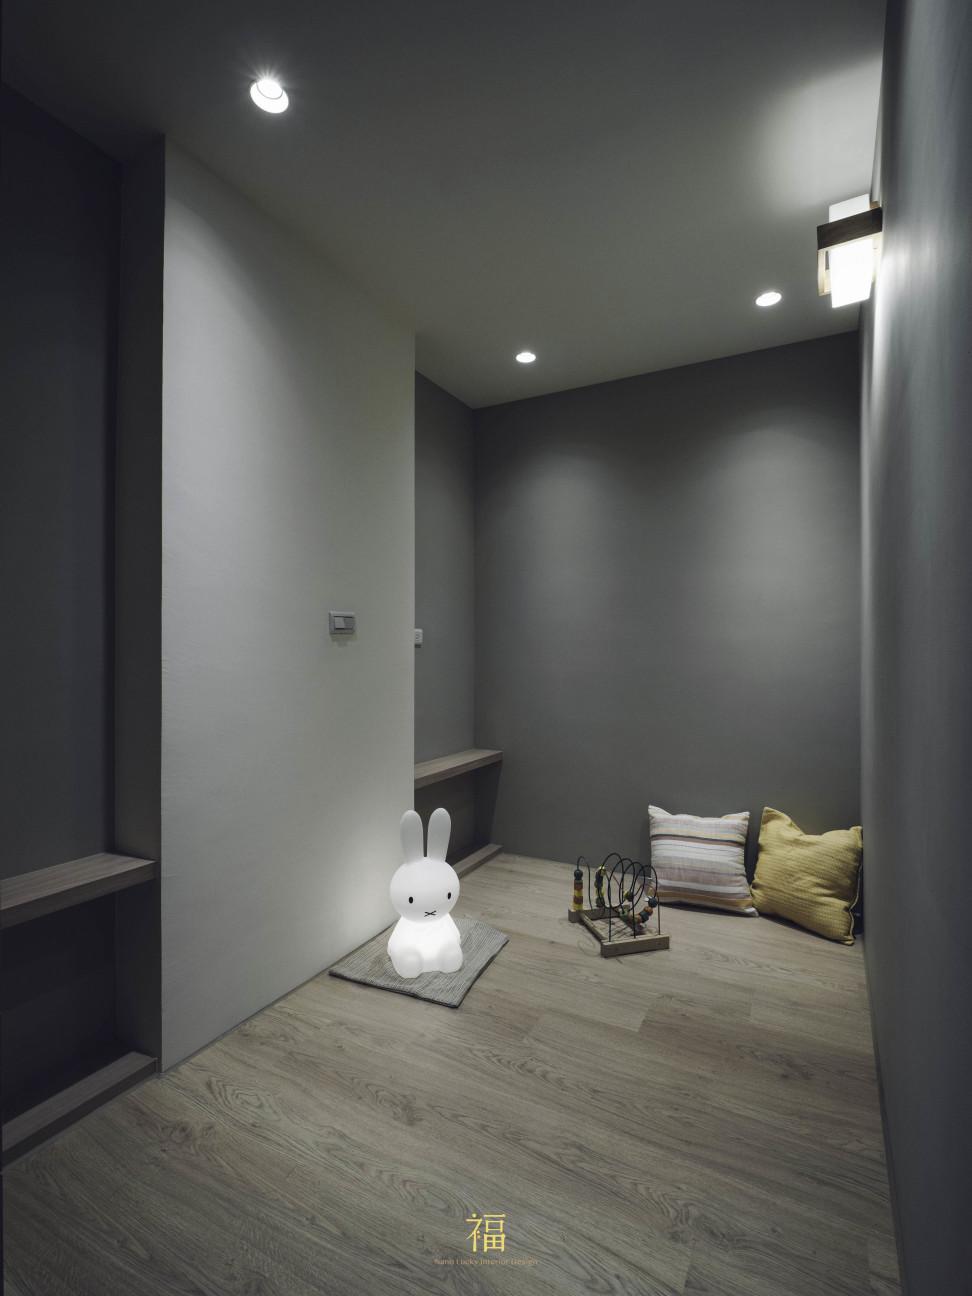 13福砌文鼎 親子遊戲房 嘉義住宅空間設計